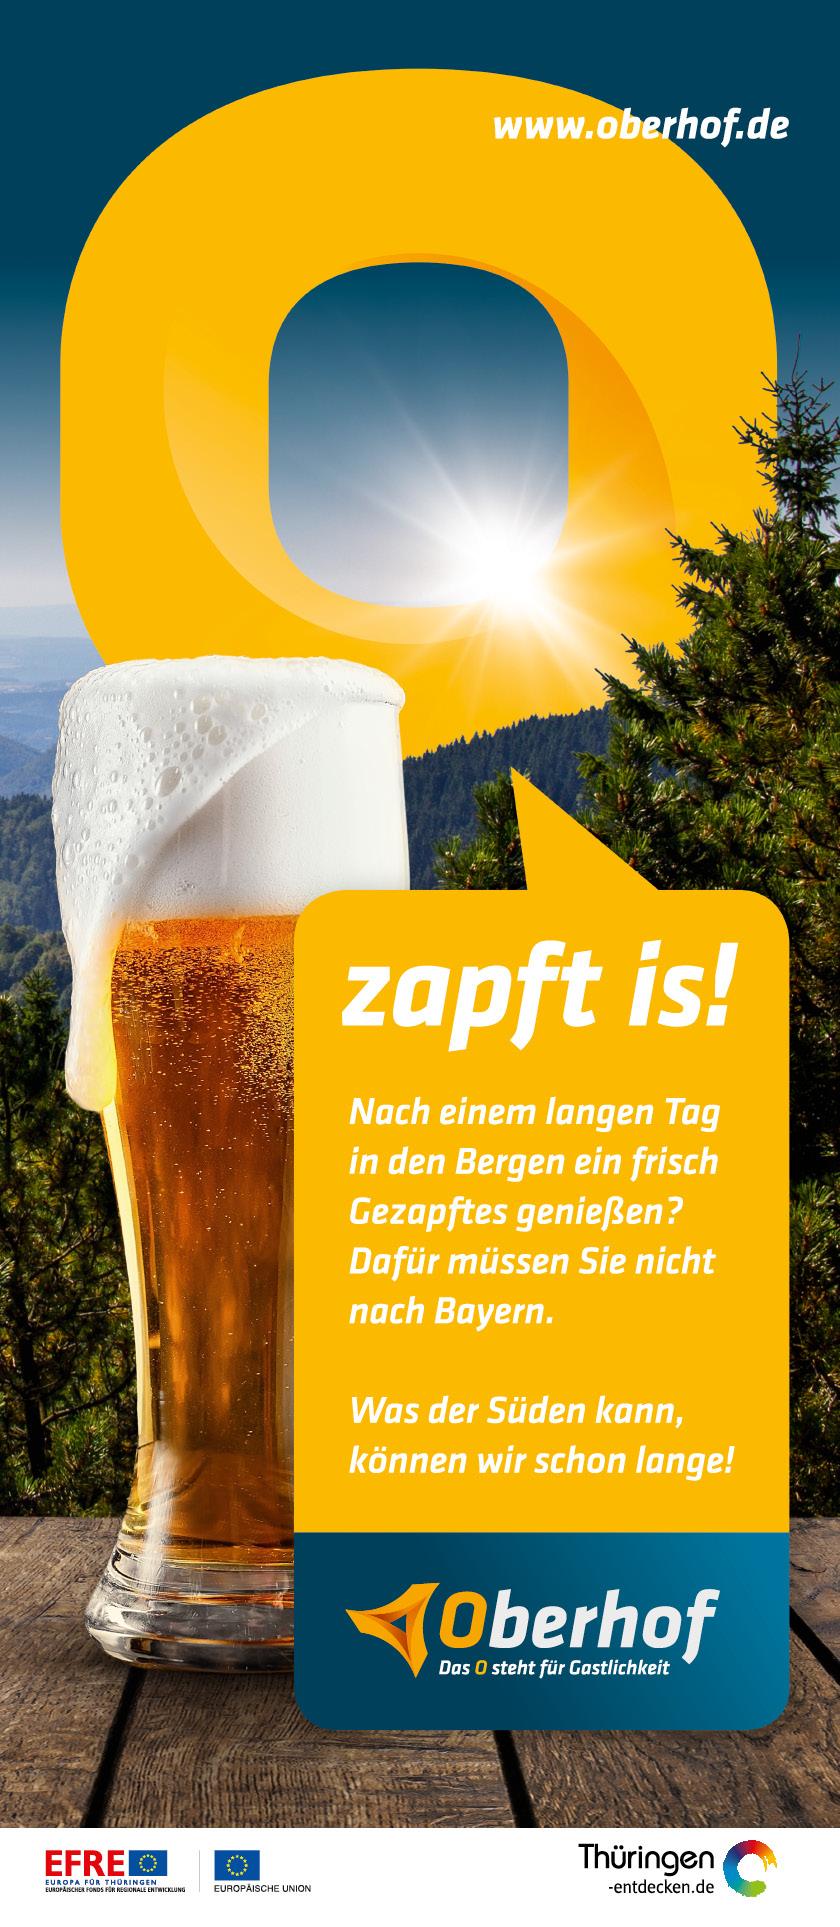 Samt&Seidel_Referenzen_Oberhof_5